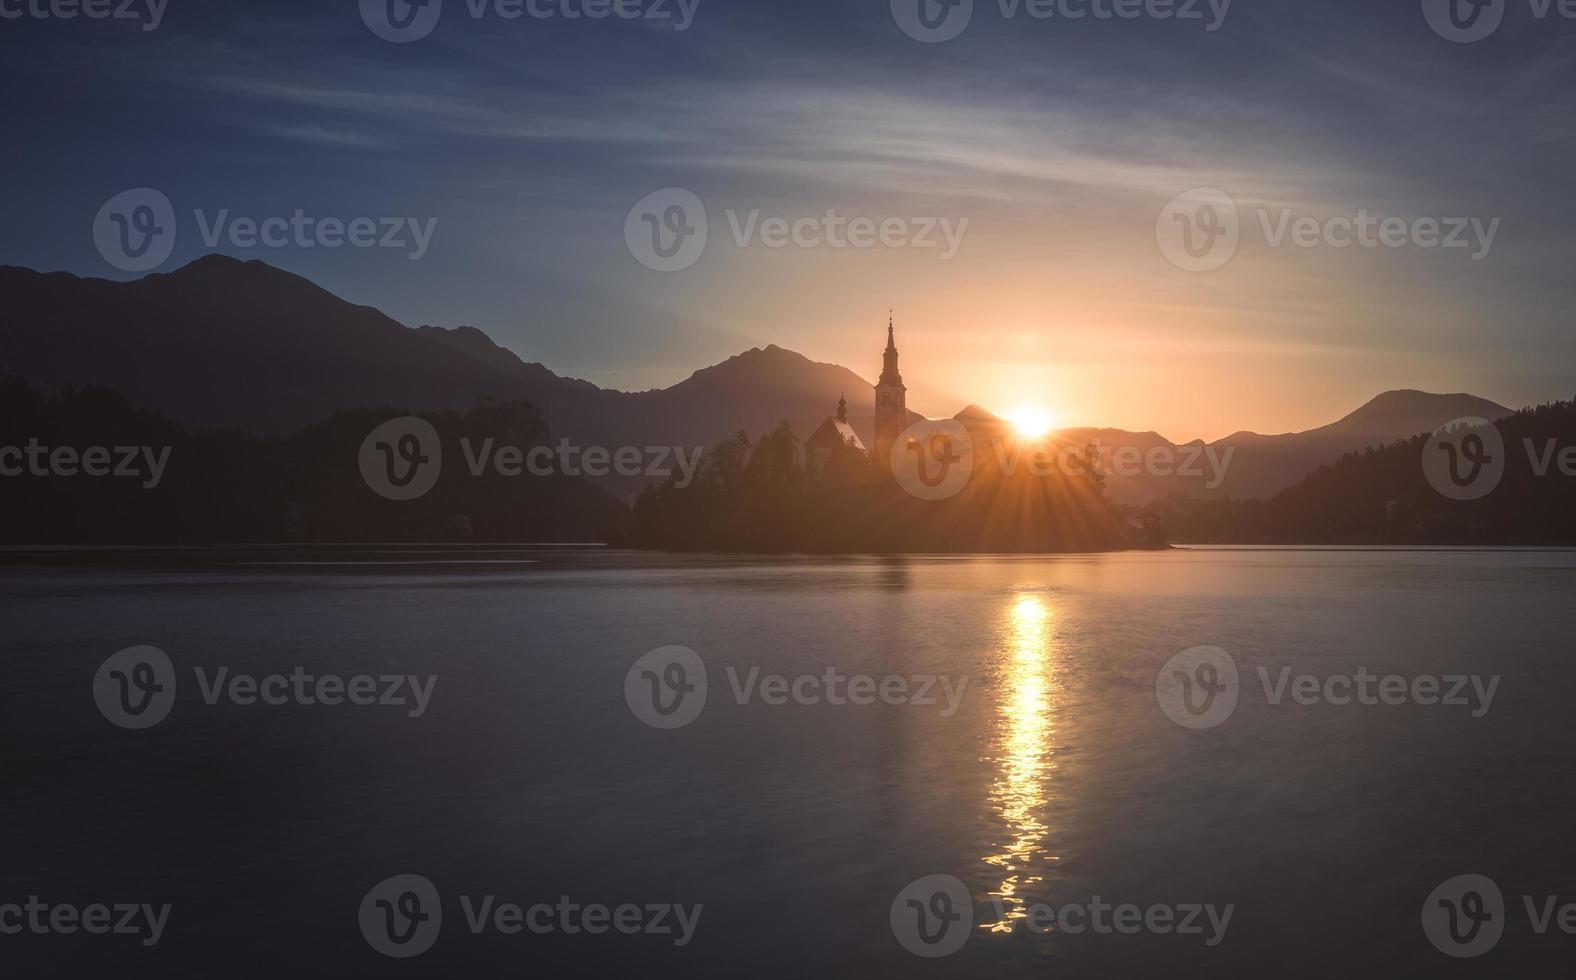 silueta de pequeña isla con iglesia católica en el lago sangrado foto